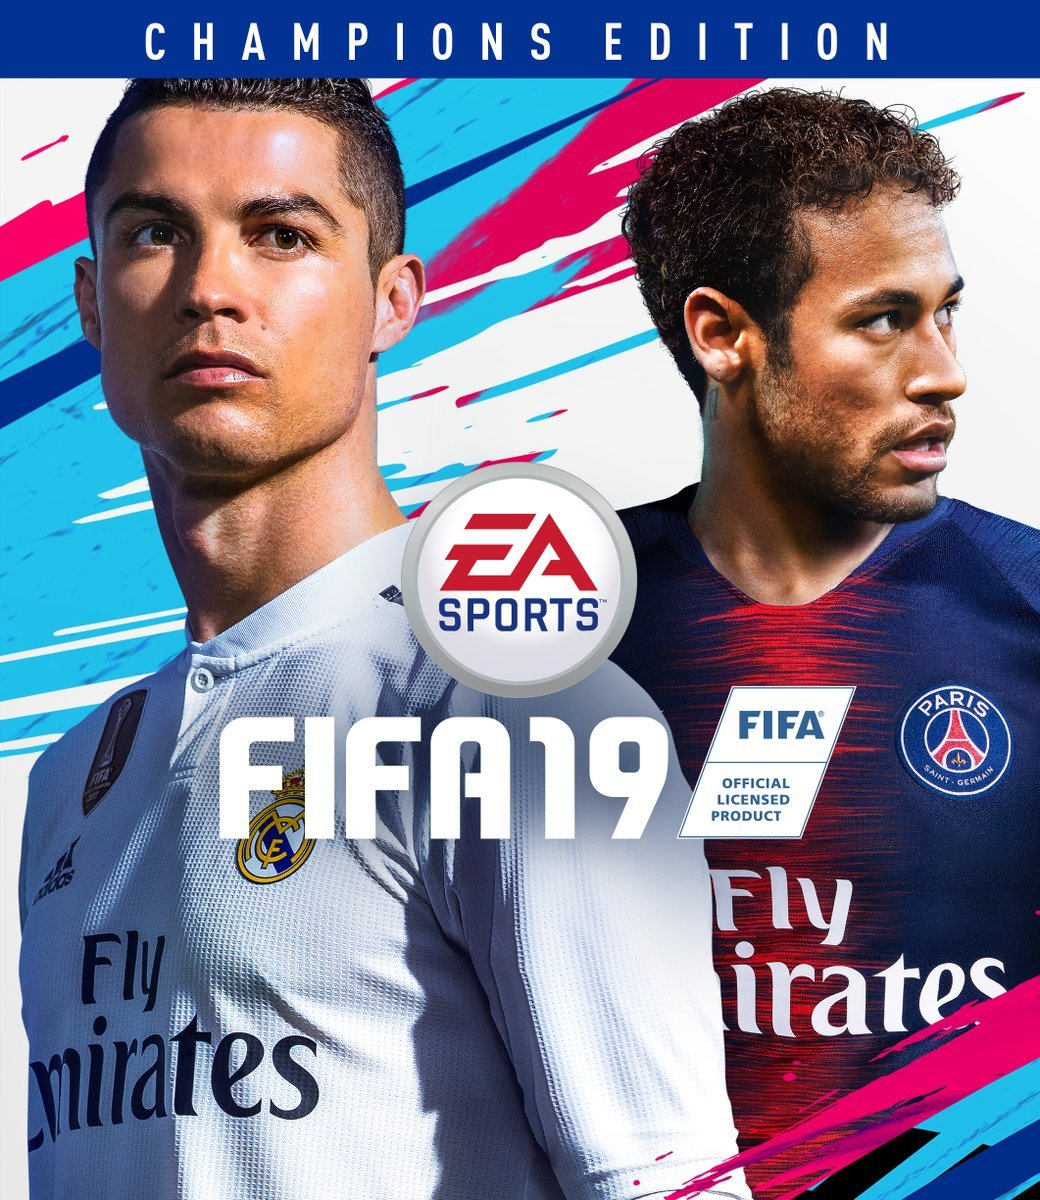 تقرير مُفصل عن لعبة FIFA 19 طريقة اللعب وتاريخ الصدور ومعلومات اخرى